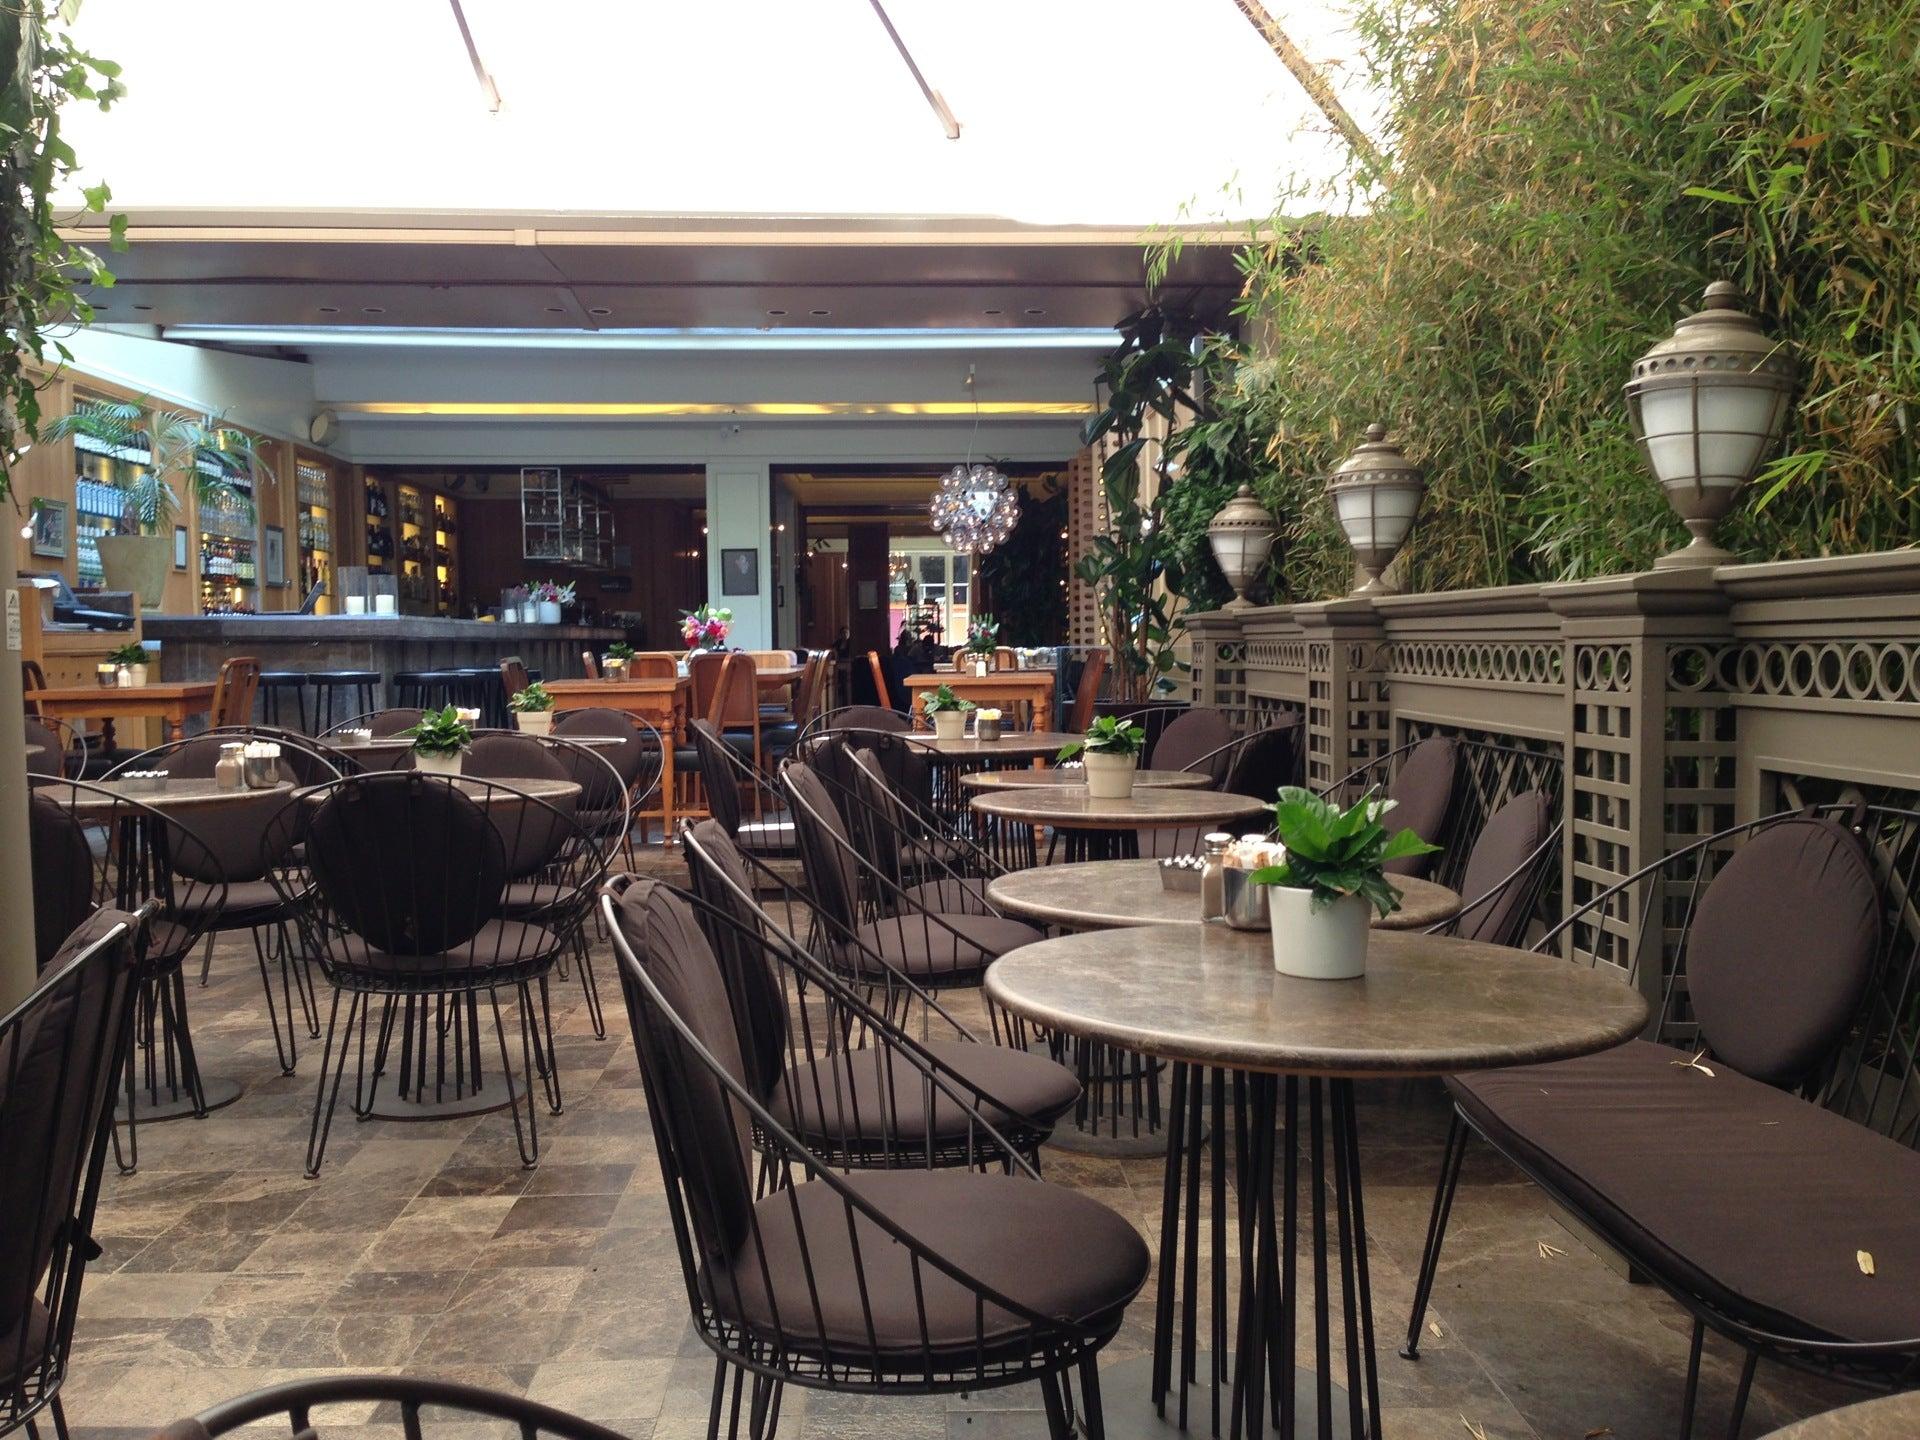 The House Café